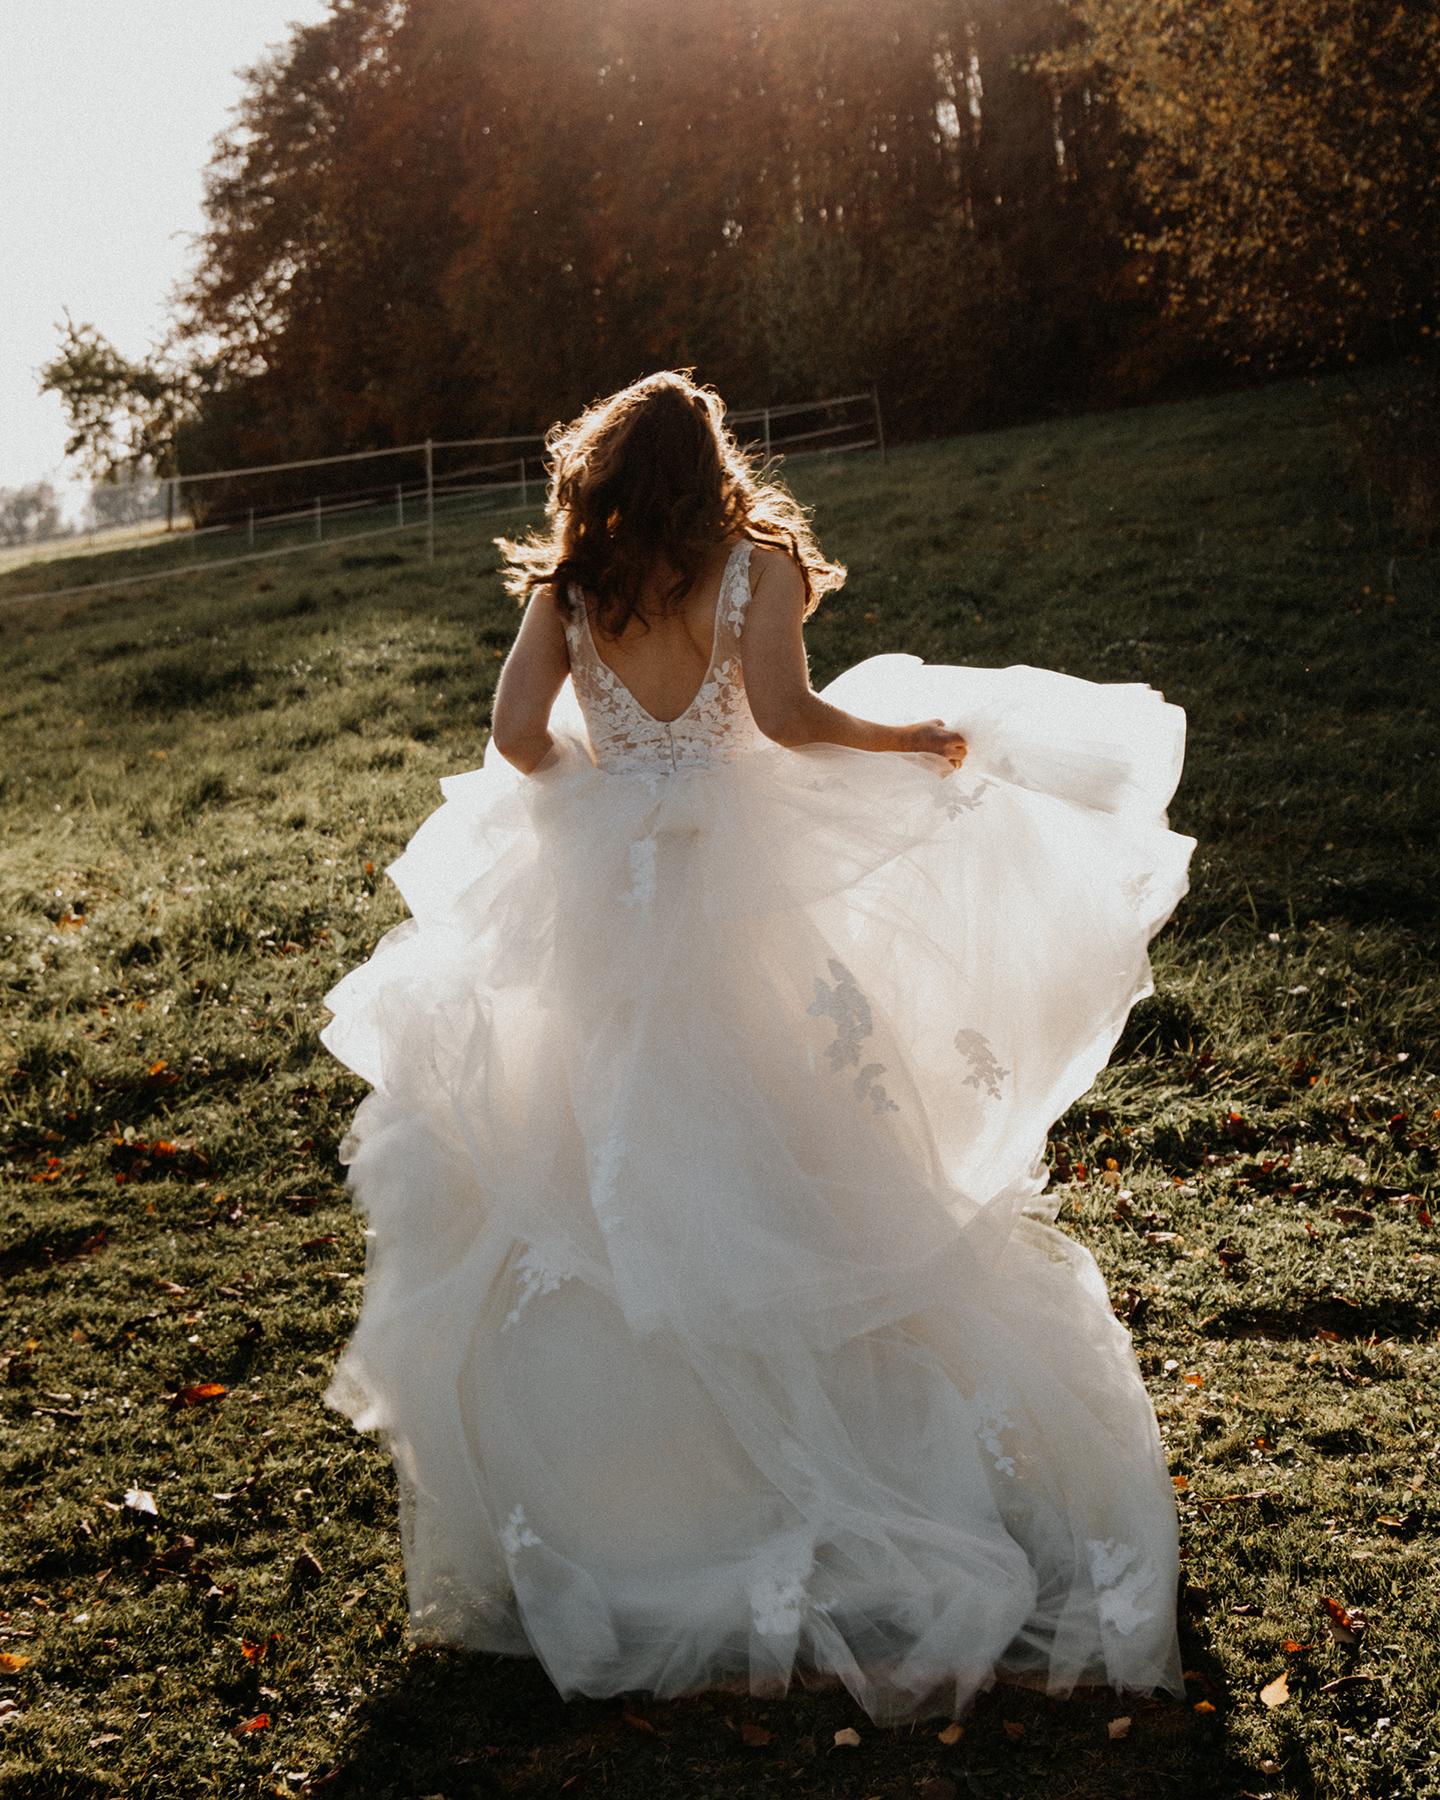 Boho Braut rennt glücklich mit wehendem Brautkleid über eine Wiese bei Sonnenuntergang ihrer Picknick Hochzeit.